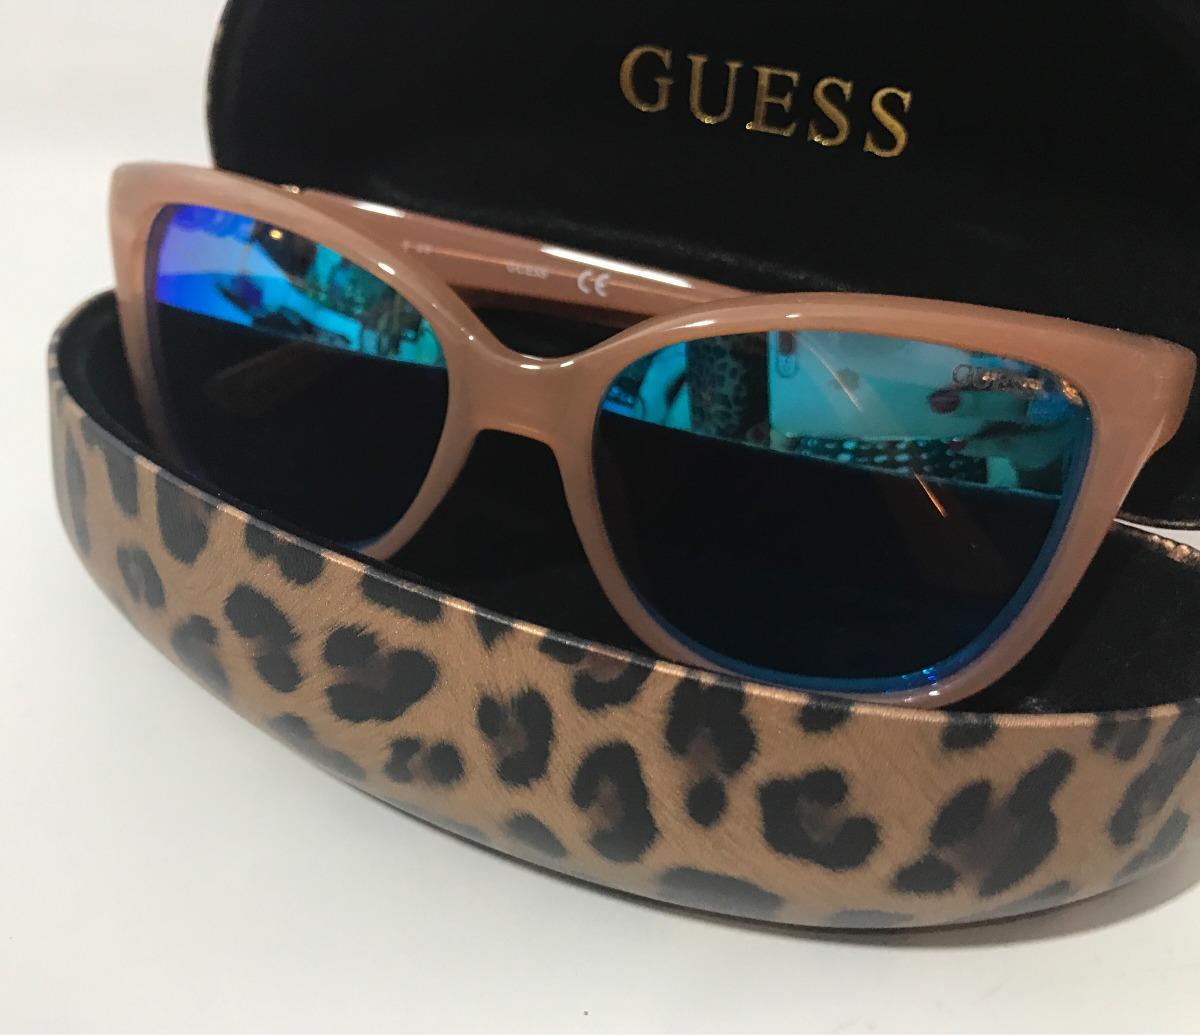 fda612c44bfe4 oculos de sol original guess nude lente espelhada azul + fg. Carregando  zoom.